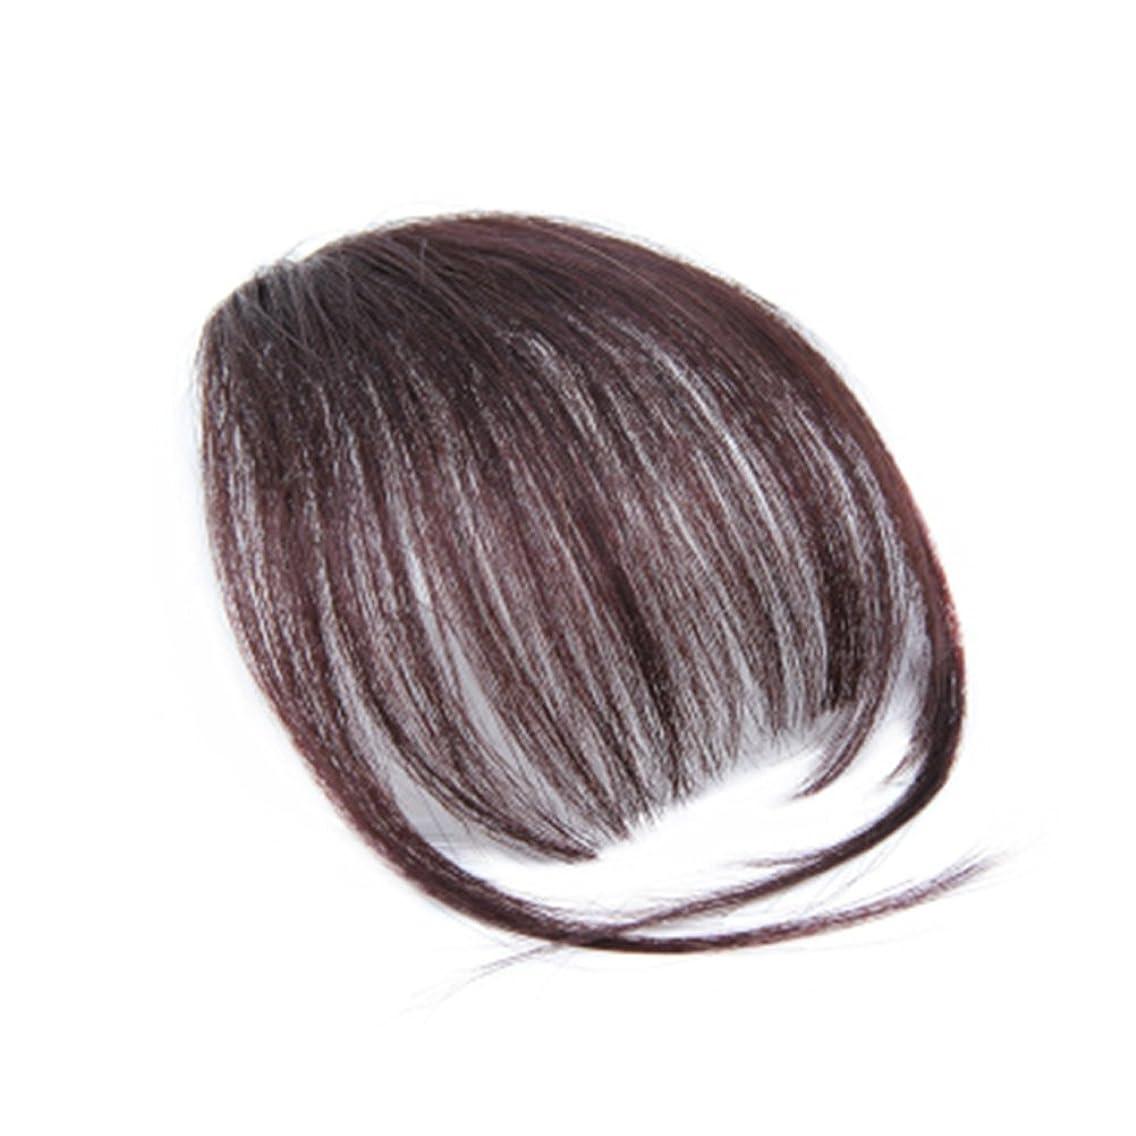 ライセンス放出一元化するSUPVOX 寺院の天然の本物の人間の髪の平らな前髪/フリンジの手の結び目前髪クリップインヘアエクステンション(ダークブラウン)